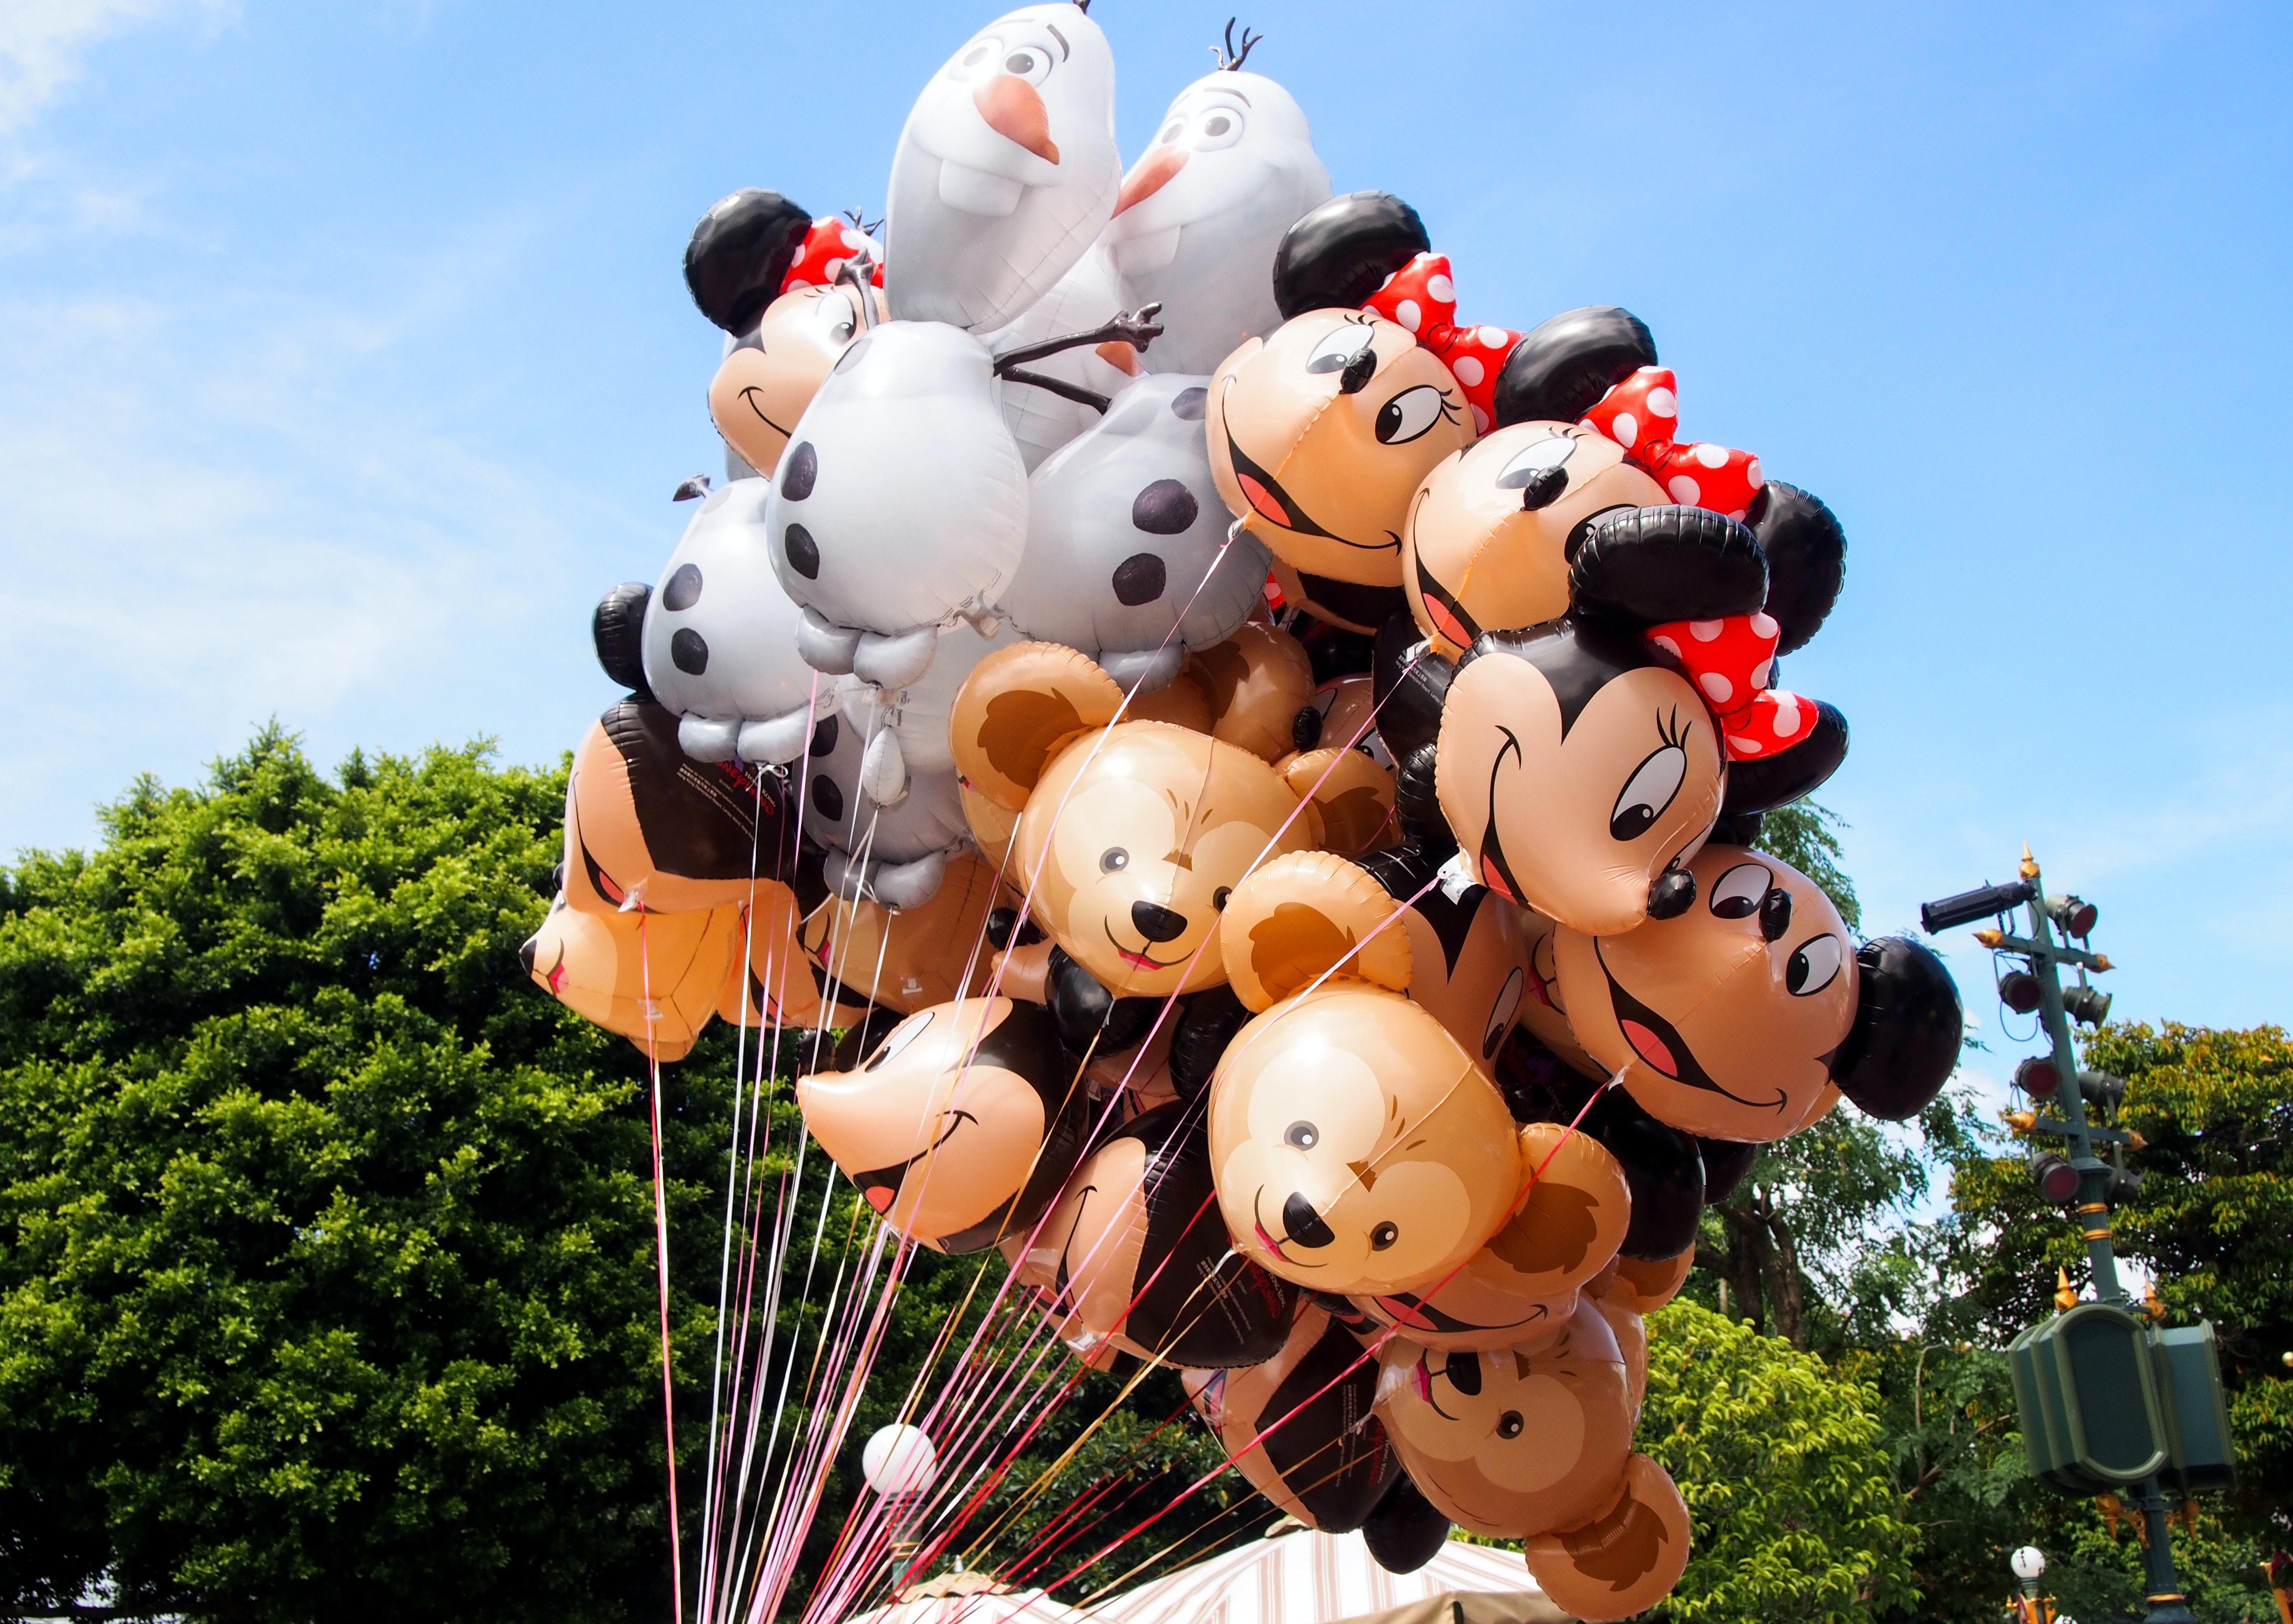 ディズニー ディズニーランド バルーンの無料の写真素材